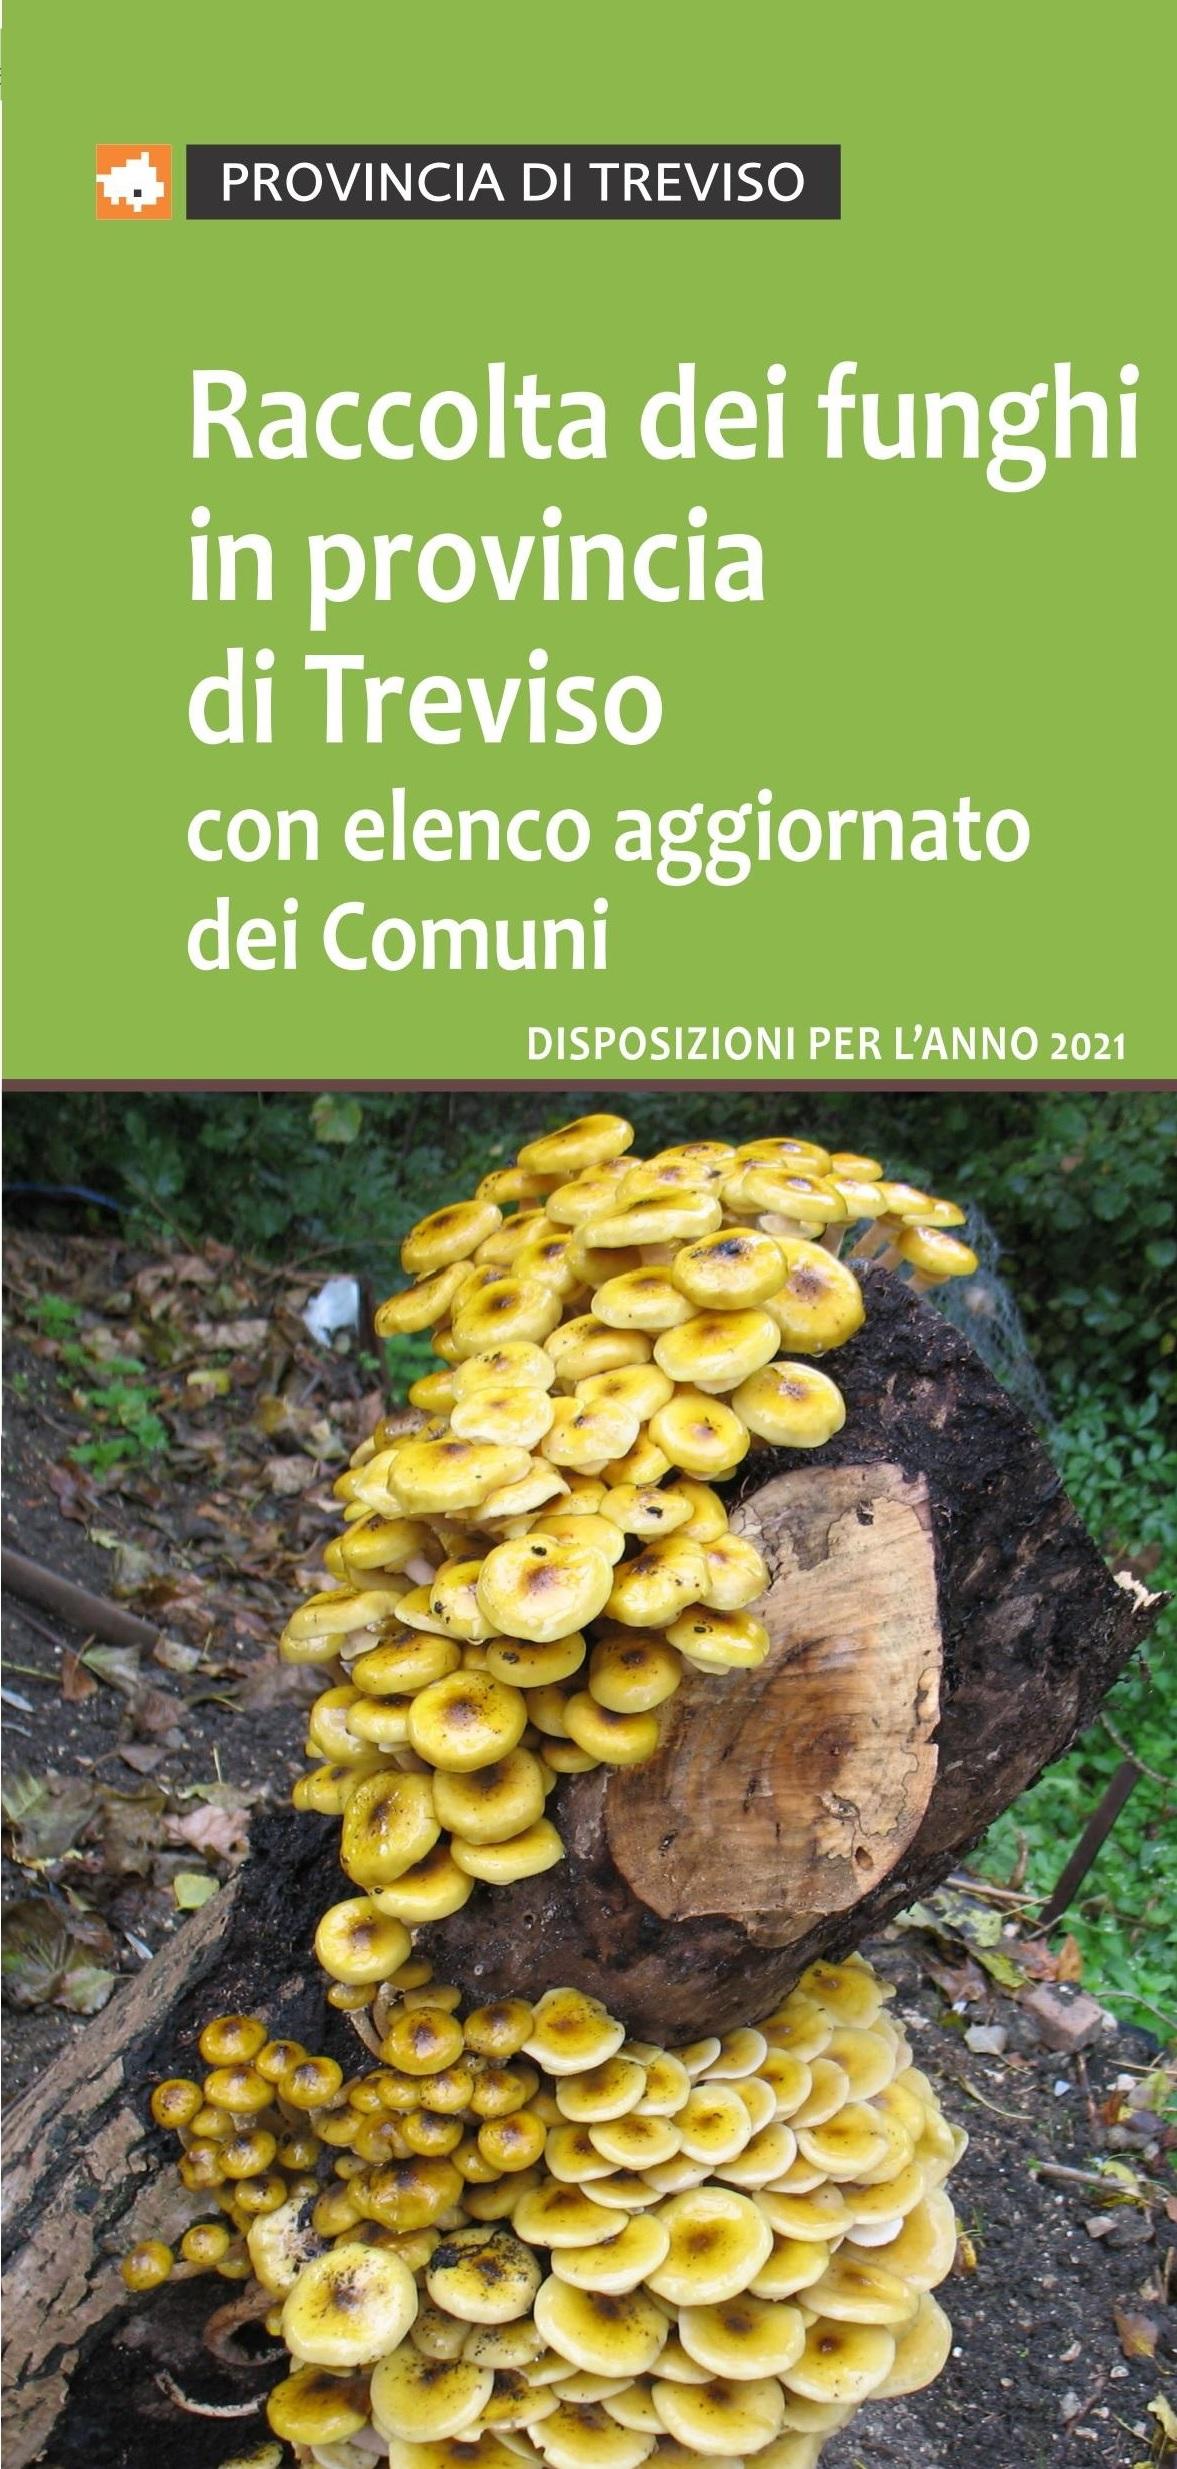 Raccolta dei funghi in provincia di Treviso, disposizioni per l'anno 2021